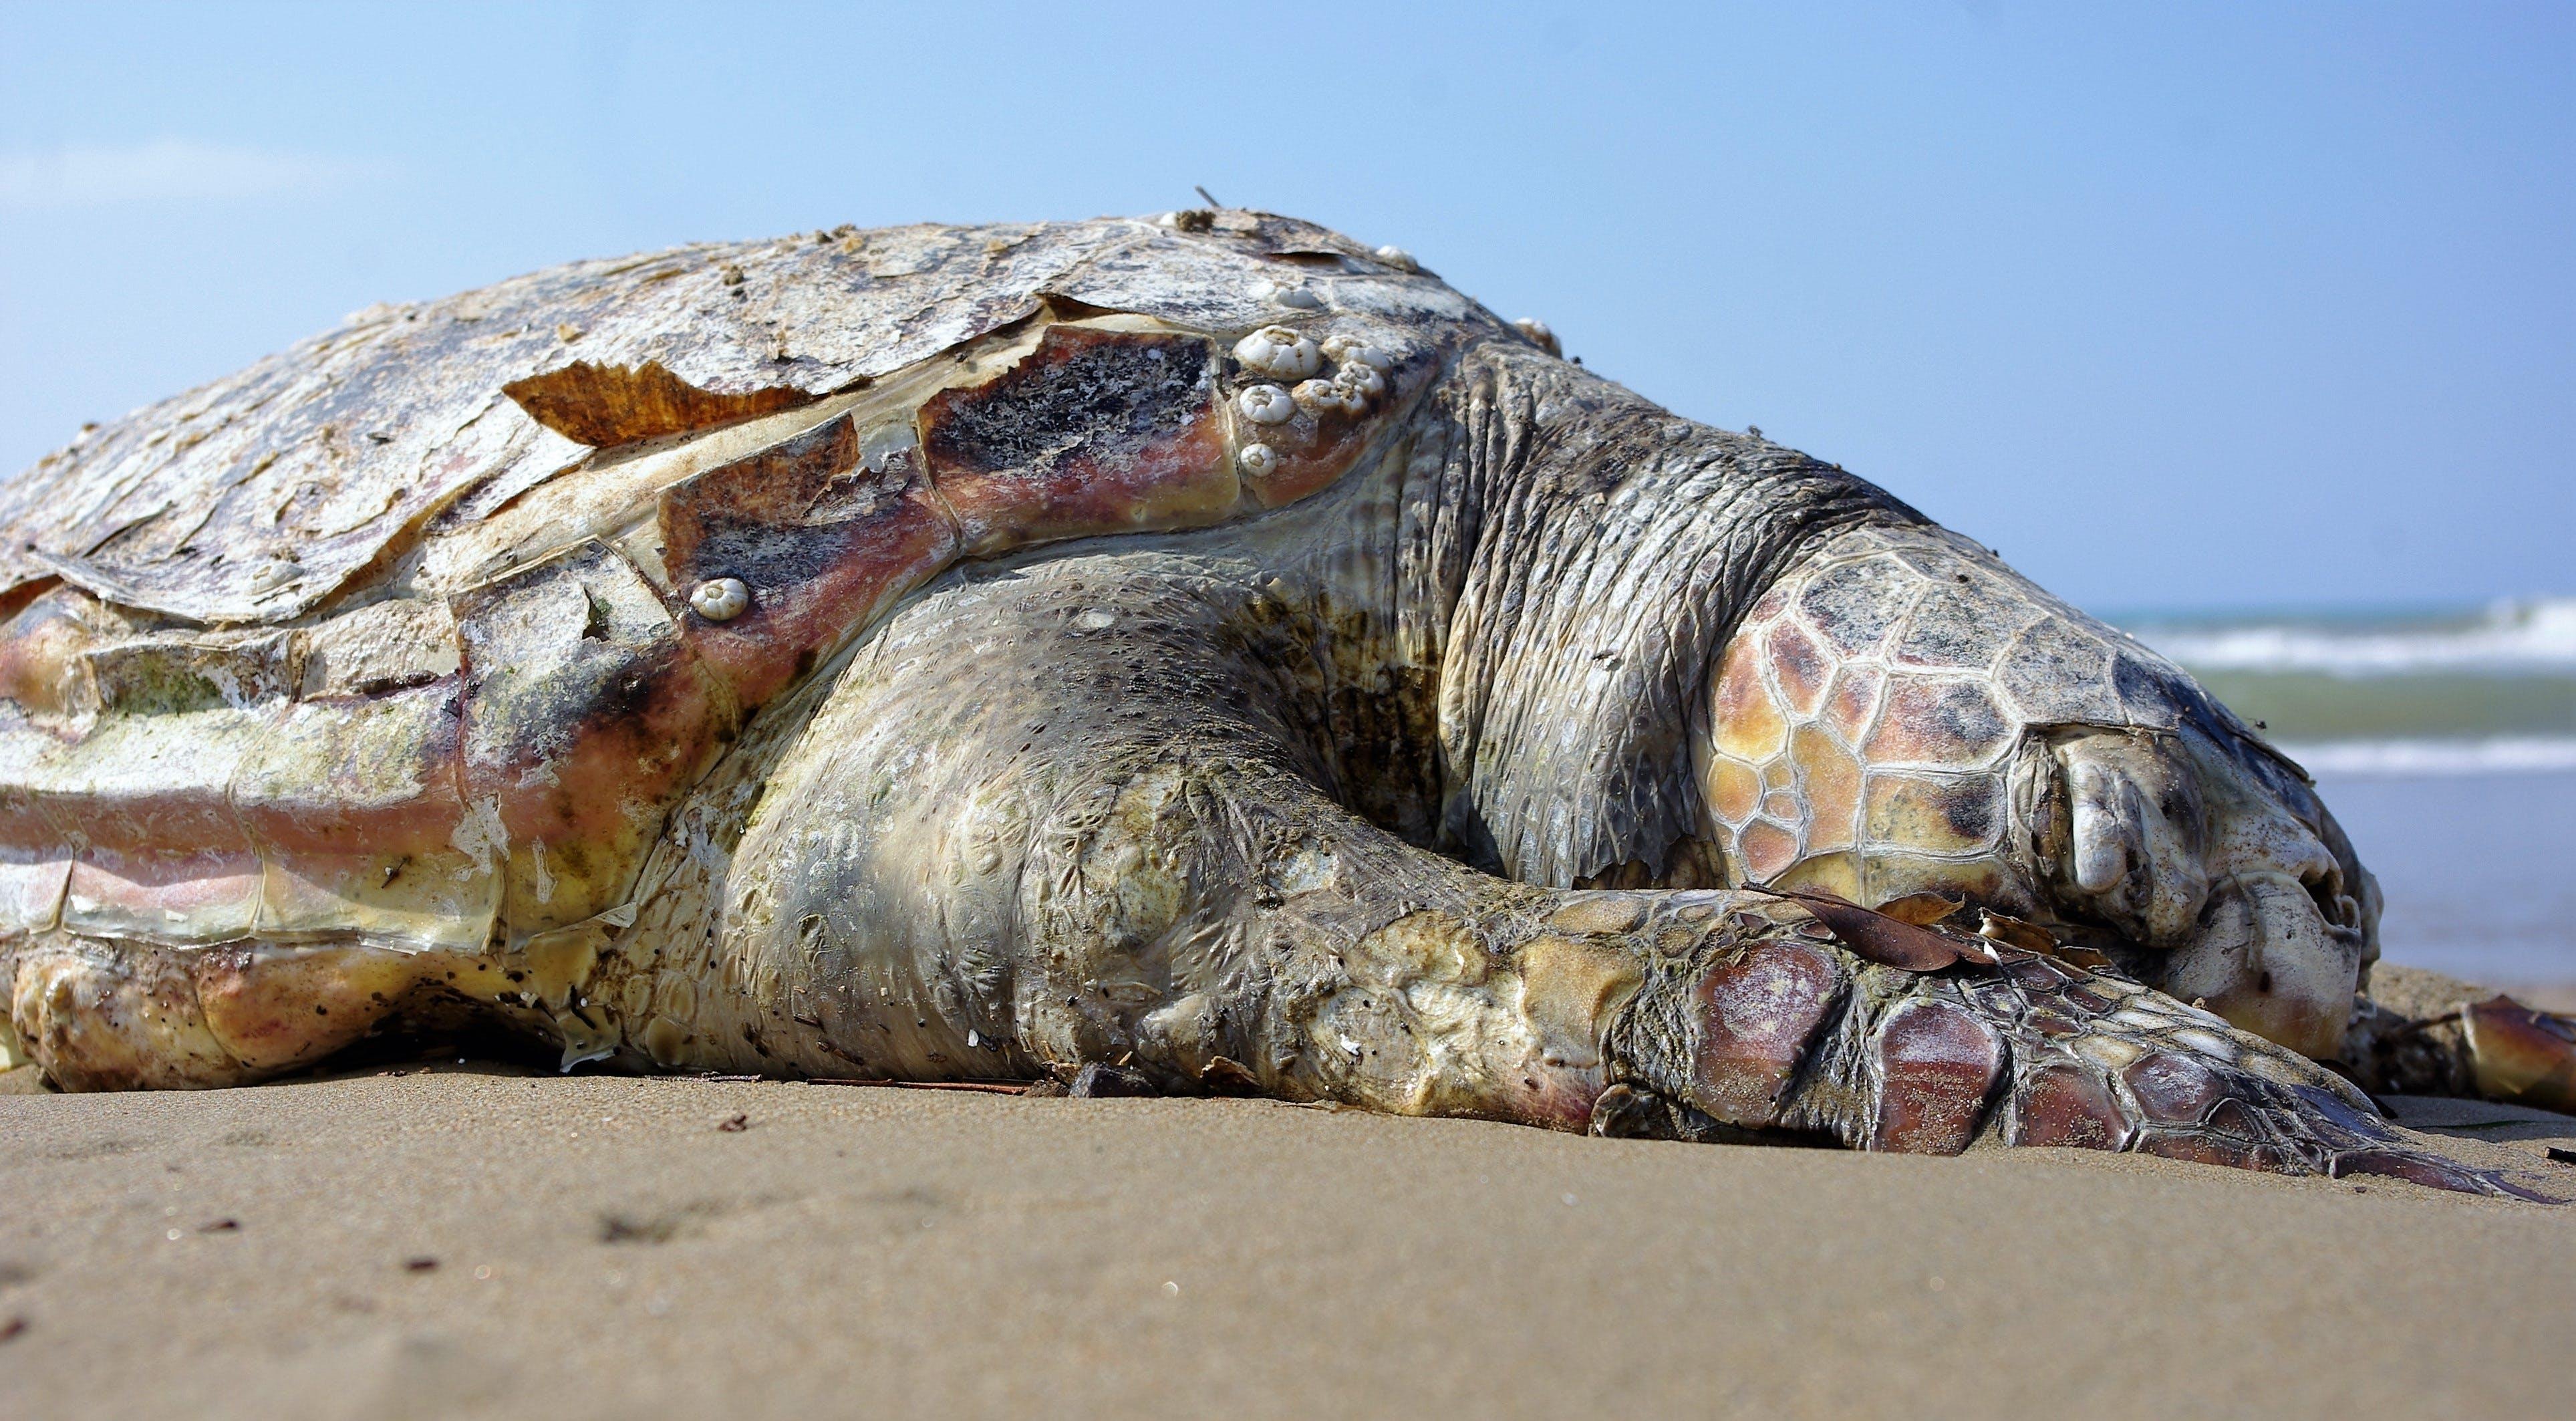 Kostenloses Stock Foto zu kreatur, küste, meer, meeresschildkröte